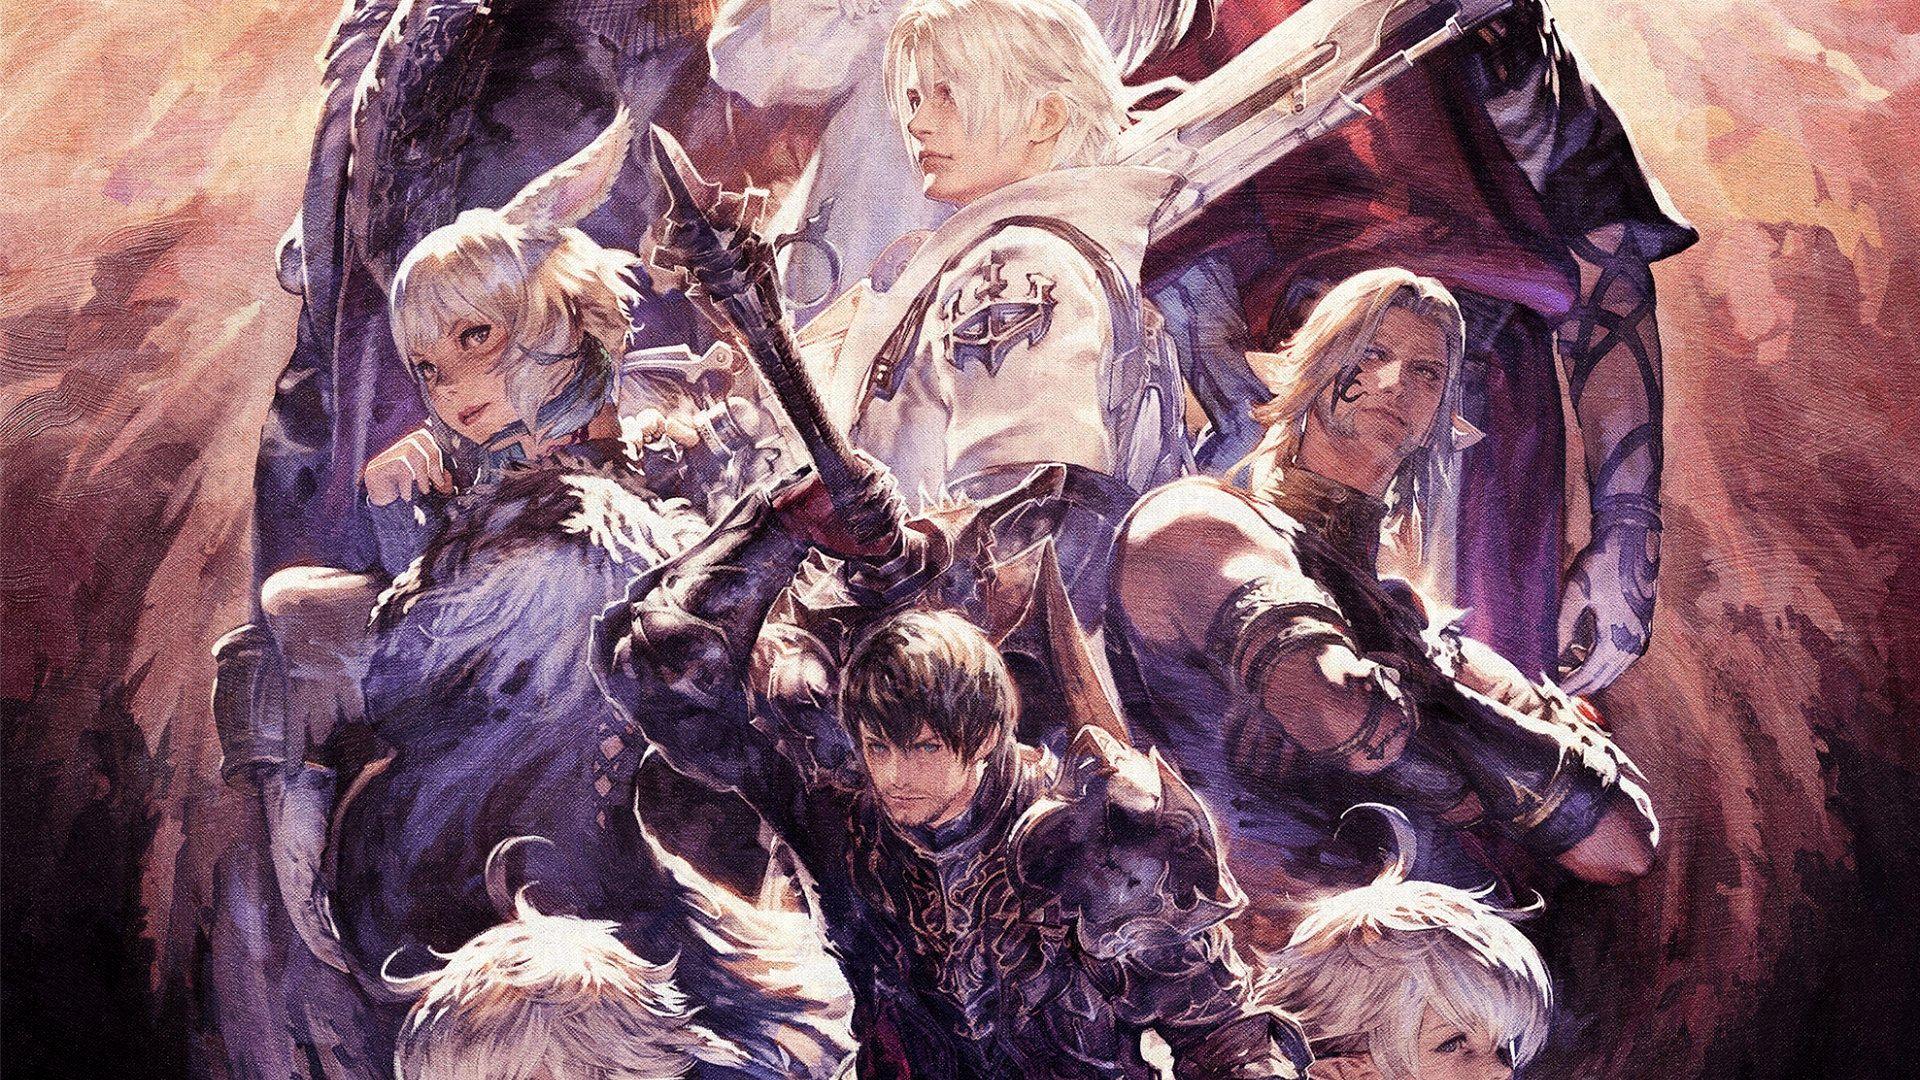 Final Fantasy Xiv Shadowbringers Art 1920x1080 Wallpaper Teahub Io